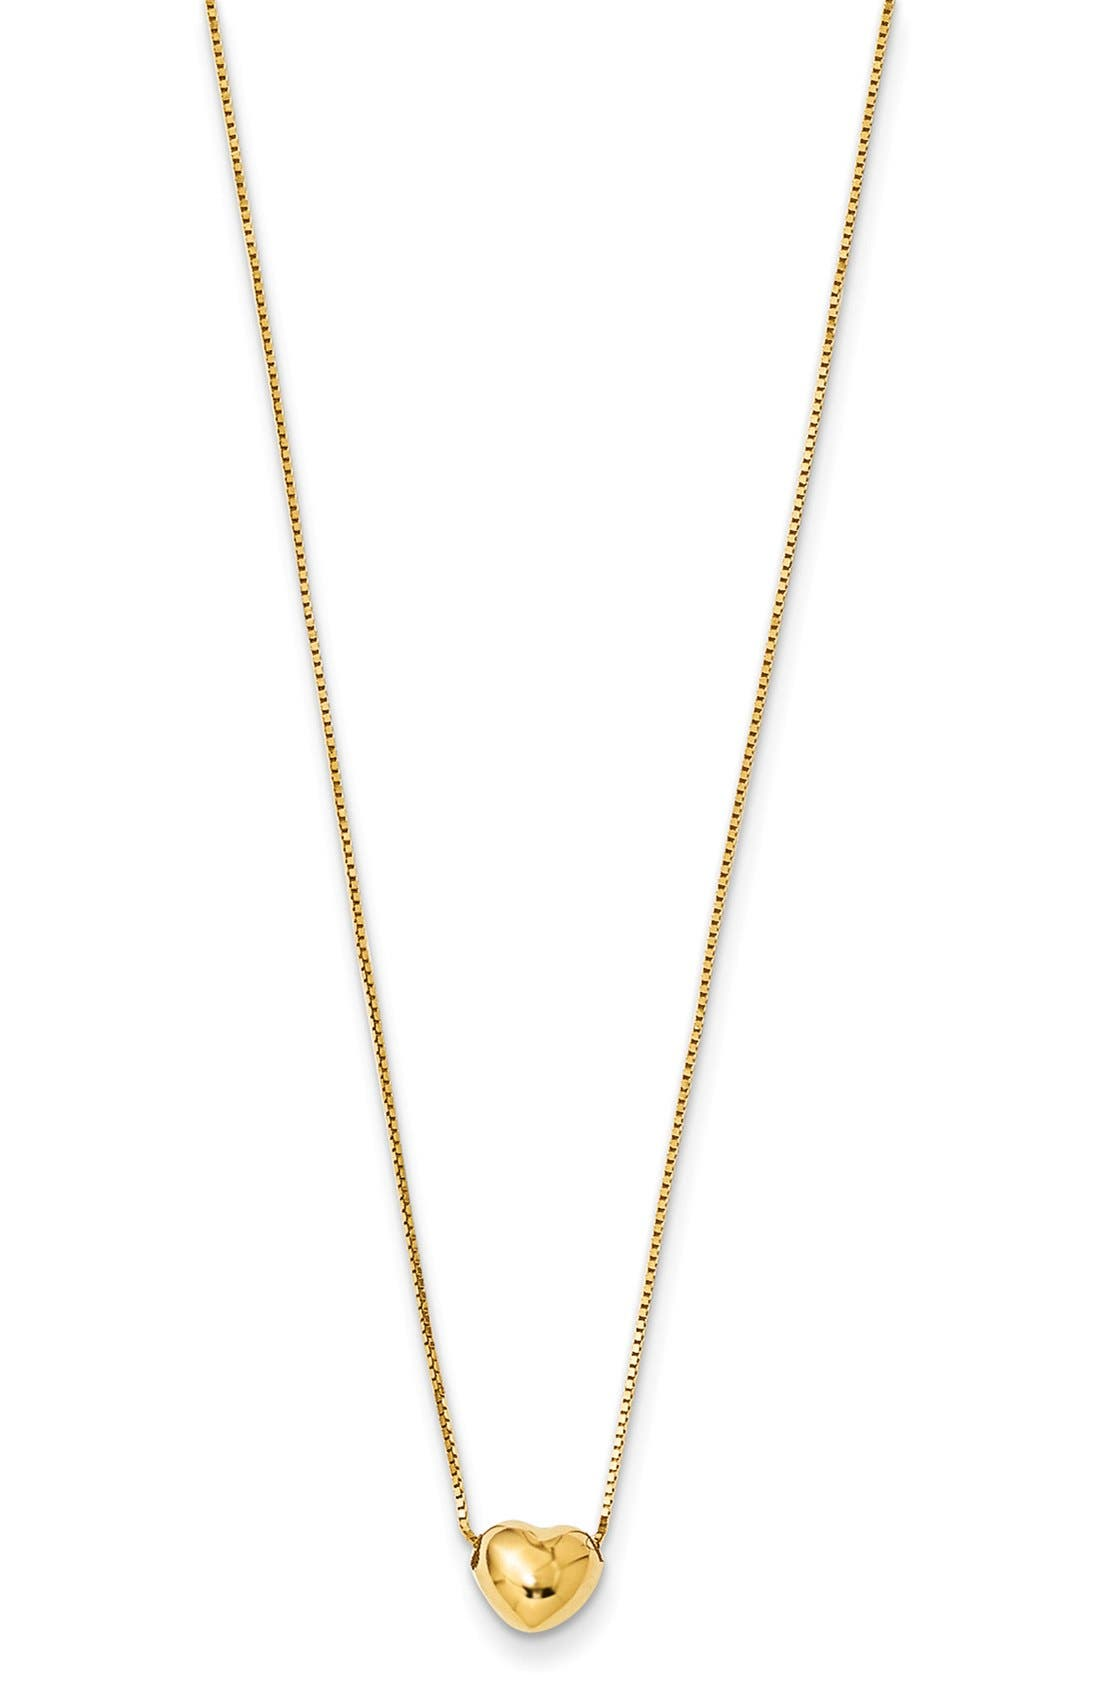 Heart Pendant Necklace,                             Main thumbnail 1, color,                             710